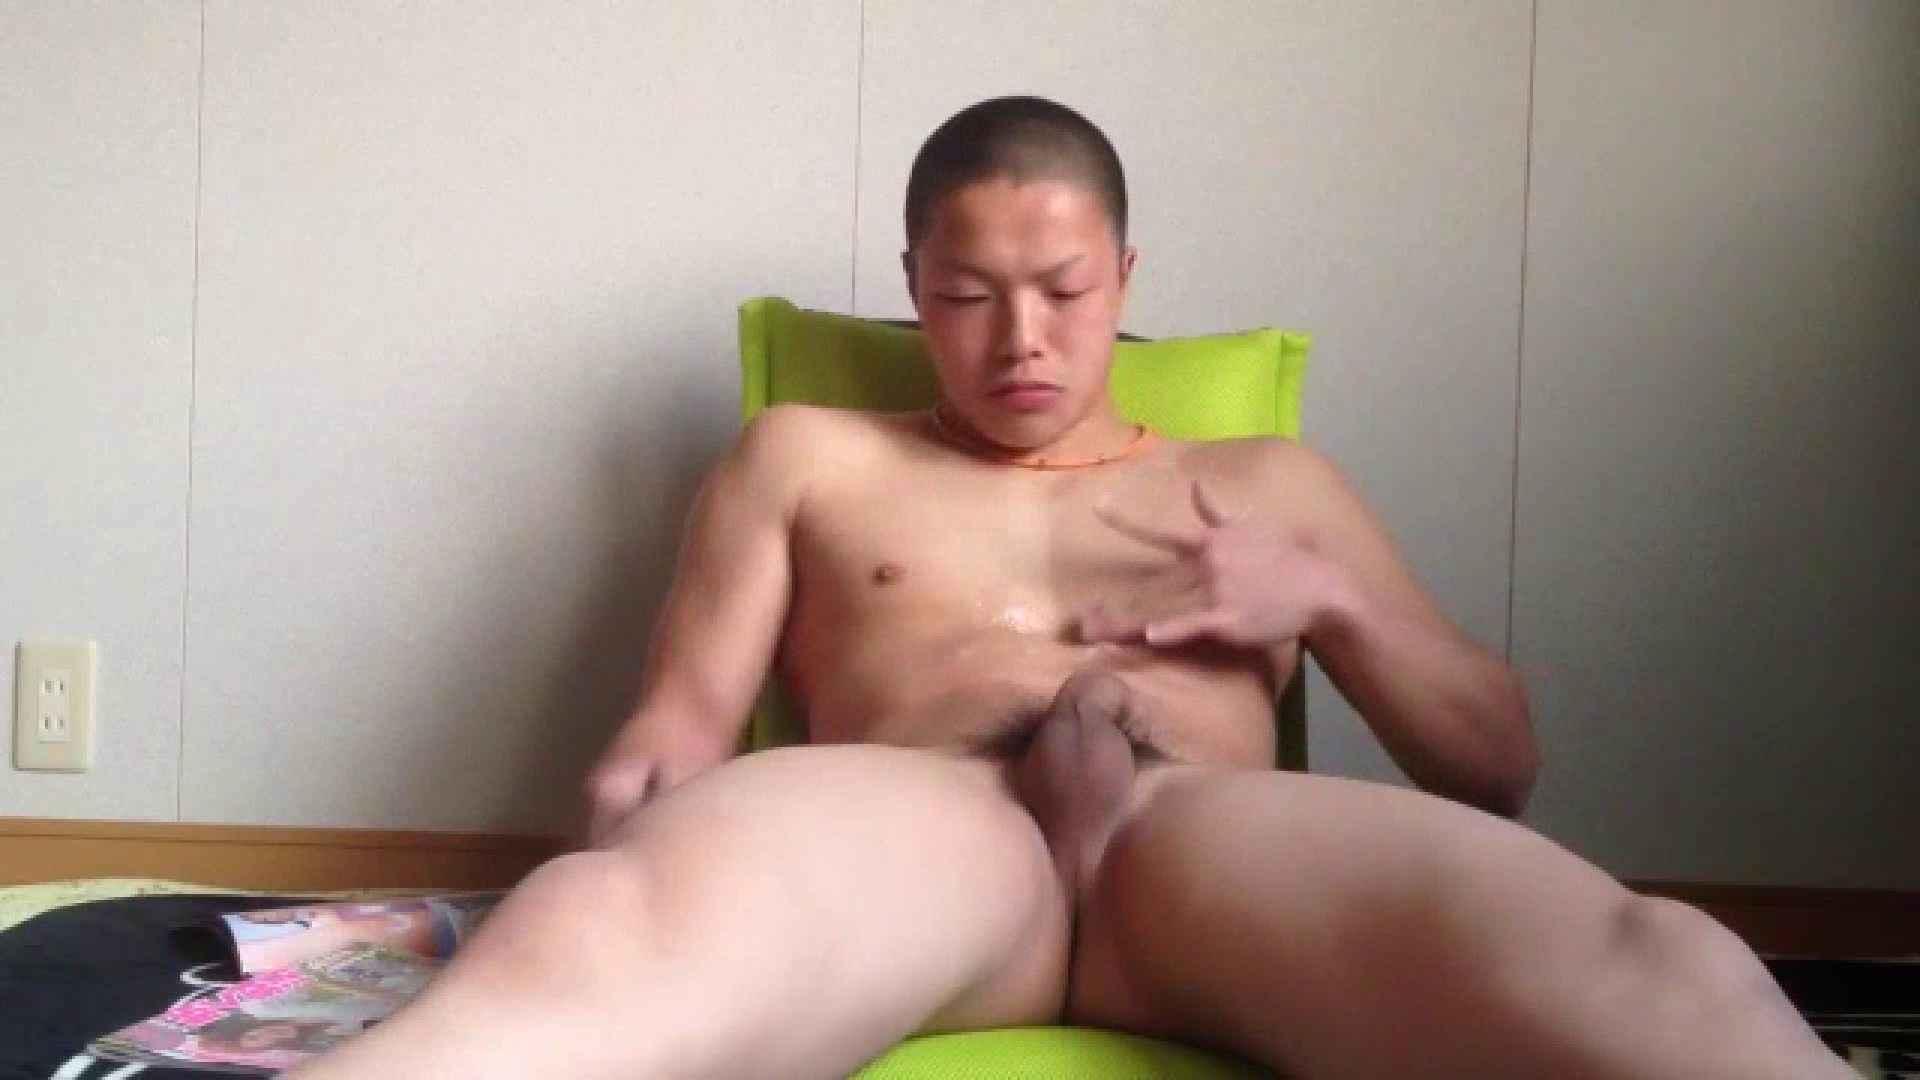 俺の新鮮なミルクはいかが? Vol.11 男天国 | オナニー特集  83pic 7